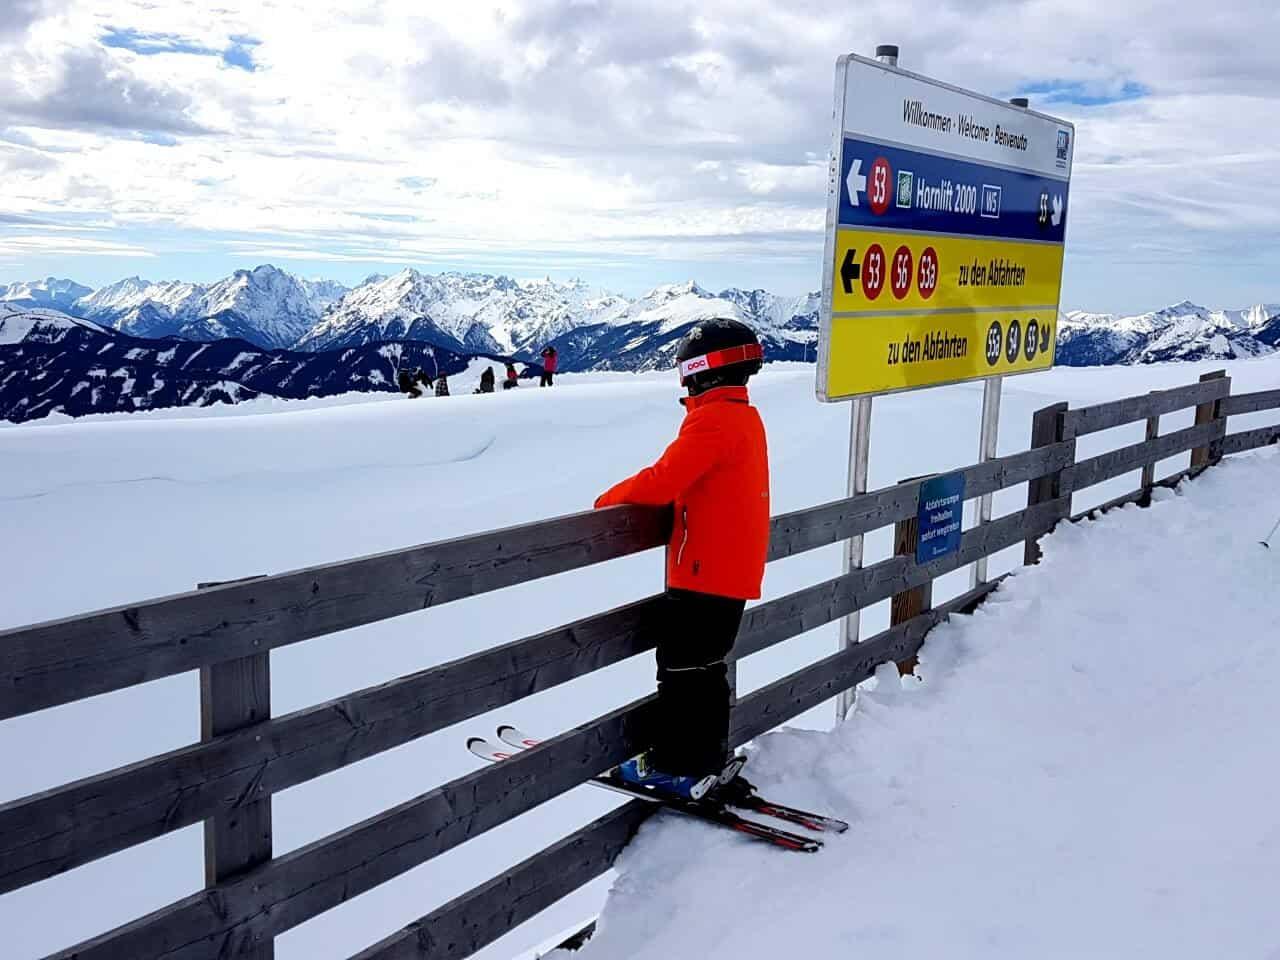 Alpbach skiing Hornbahn